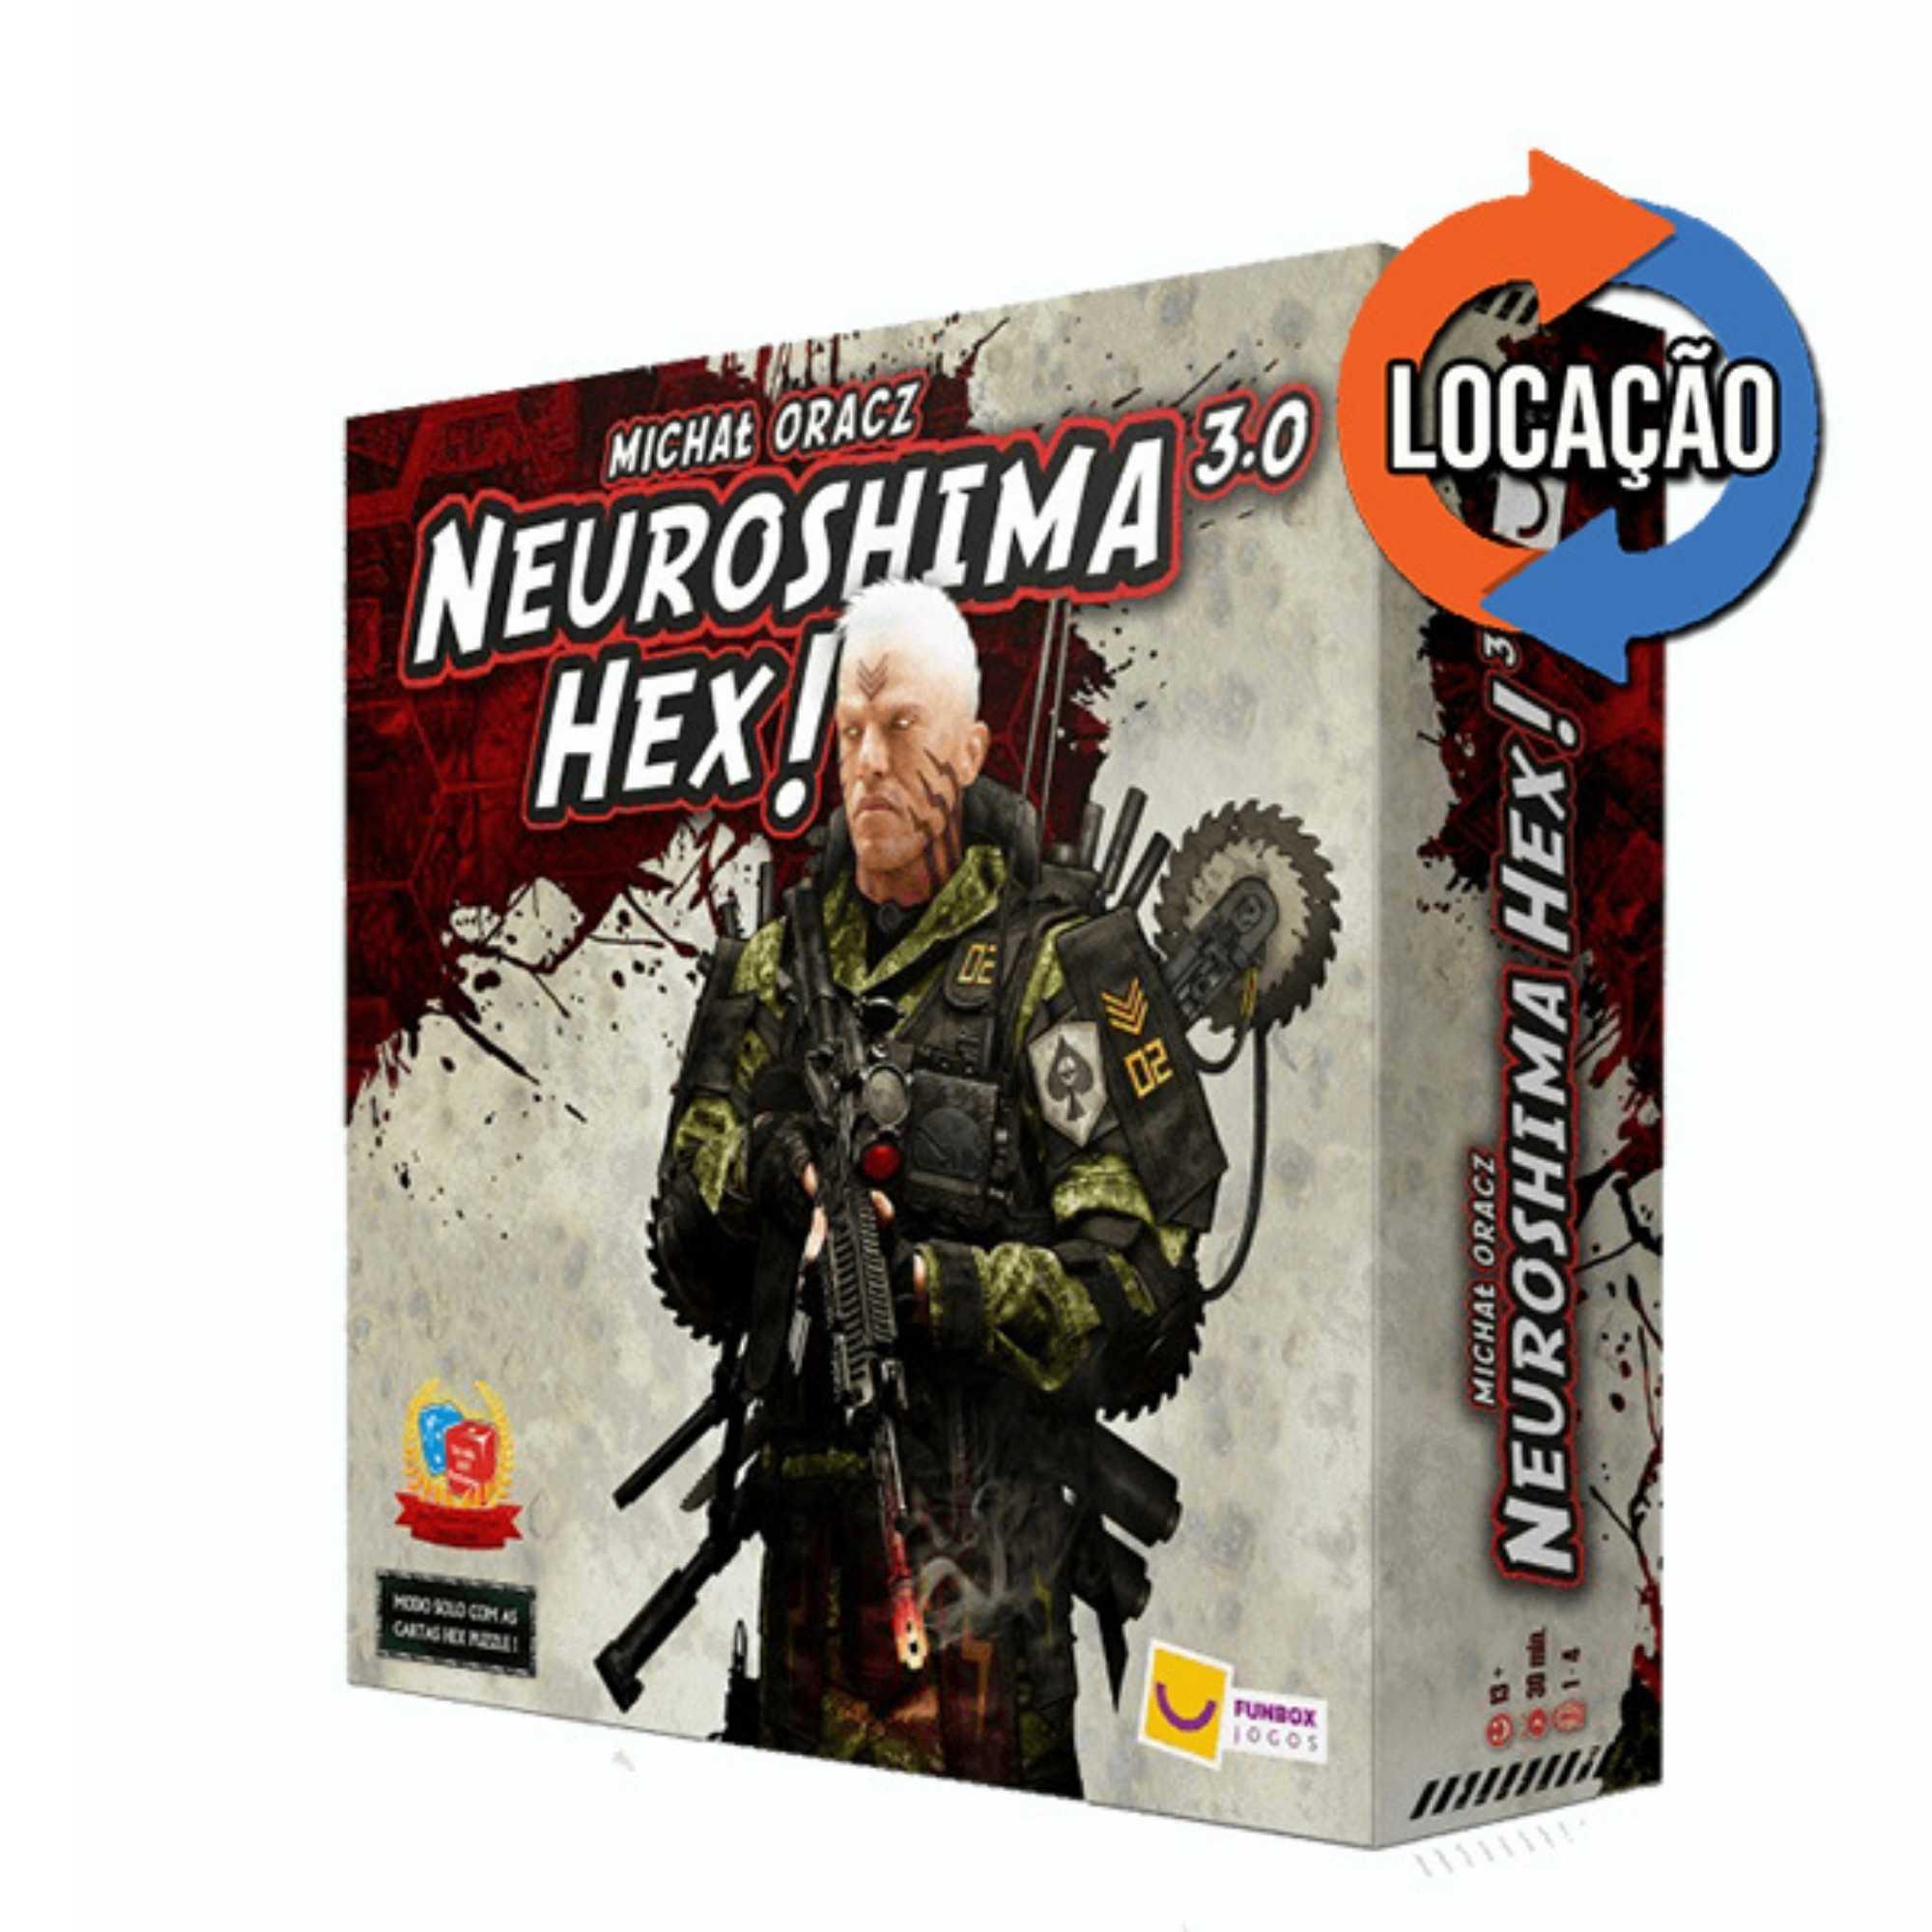 Neuroshima Hex 3.0 (Locação)